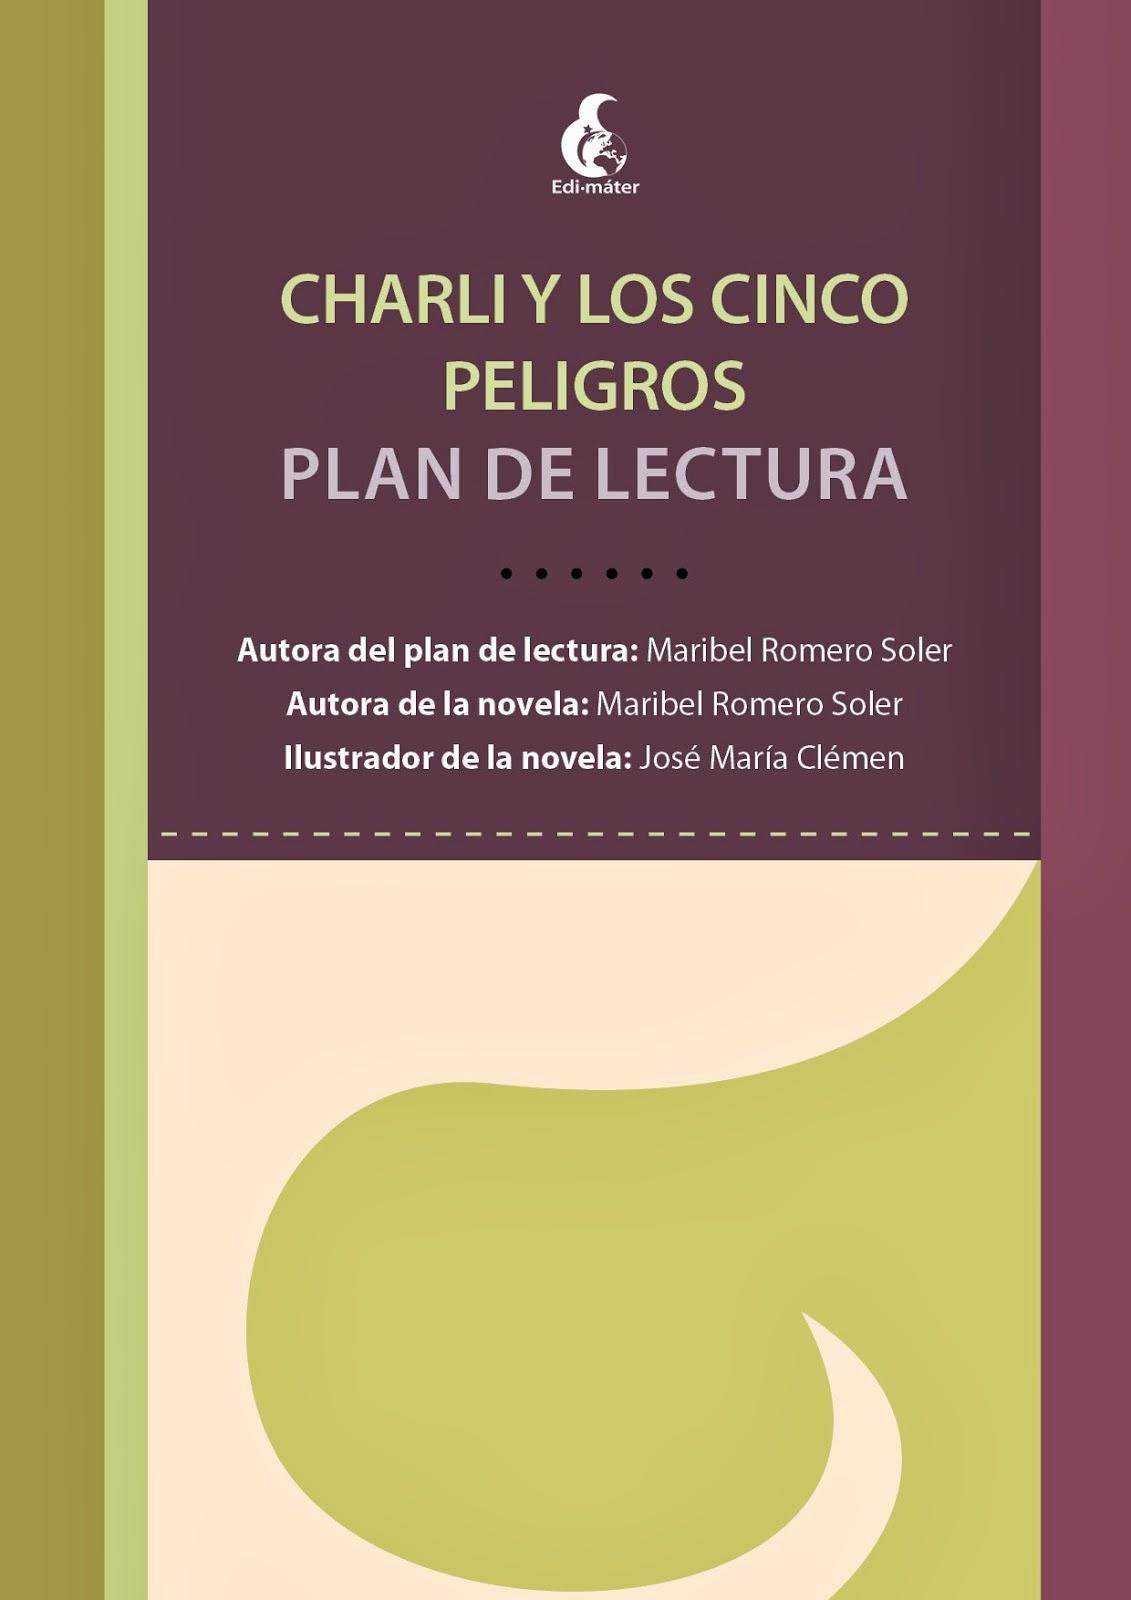 PLAN DE LECTURA DE CHARLI Y LOS CINCO PELIGROS